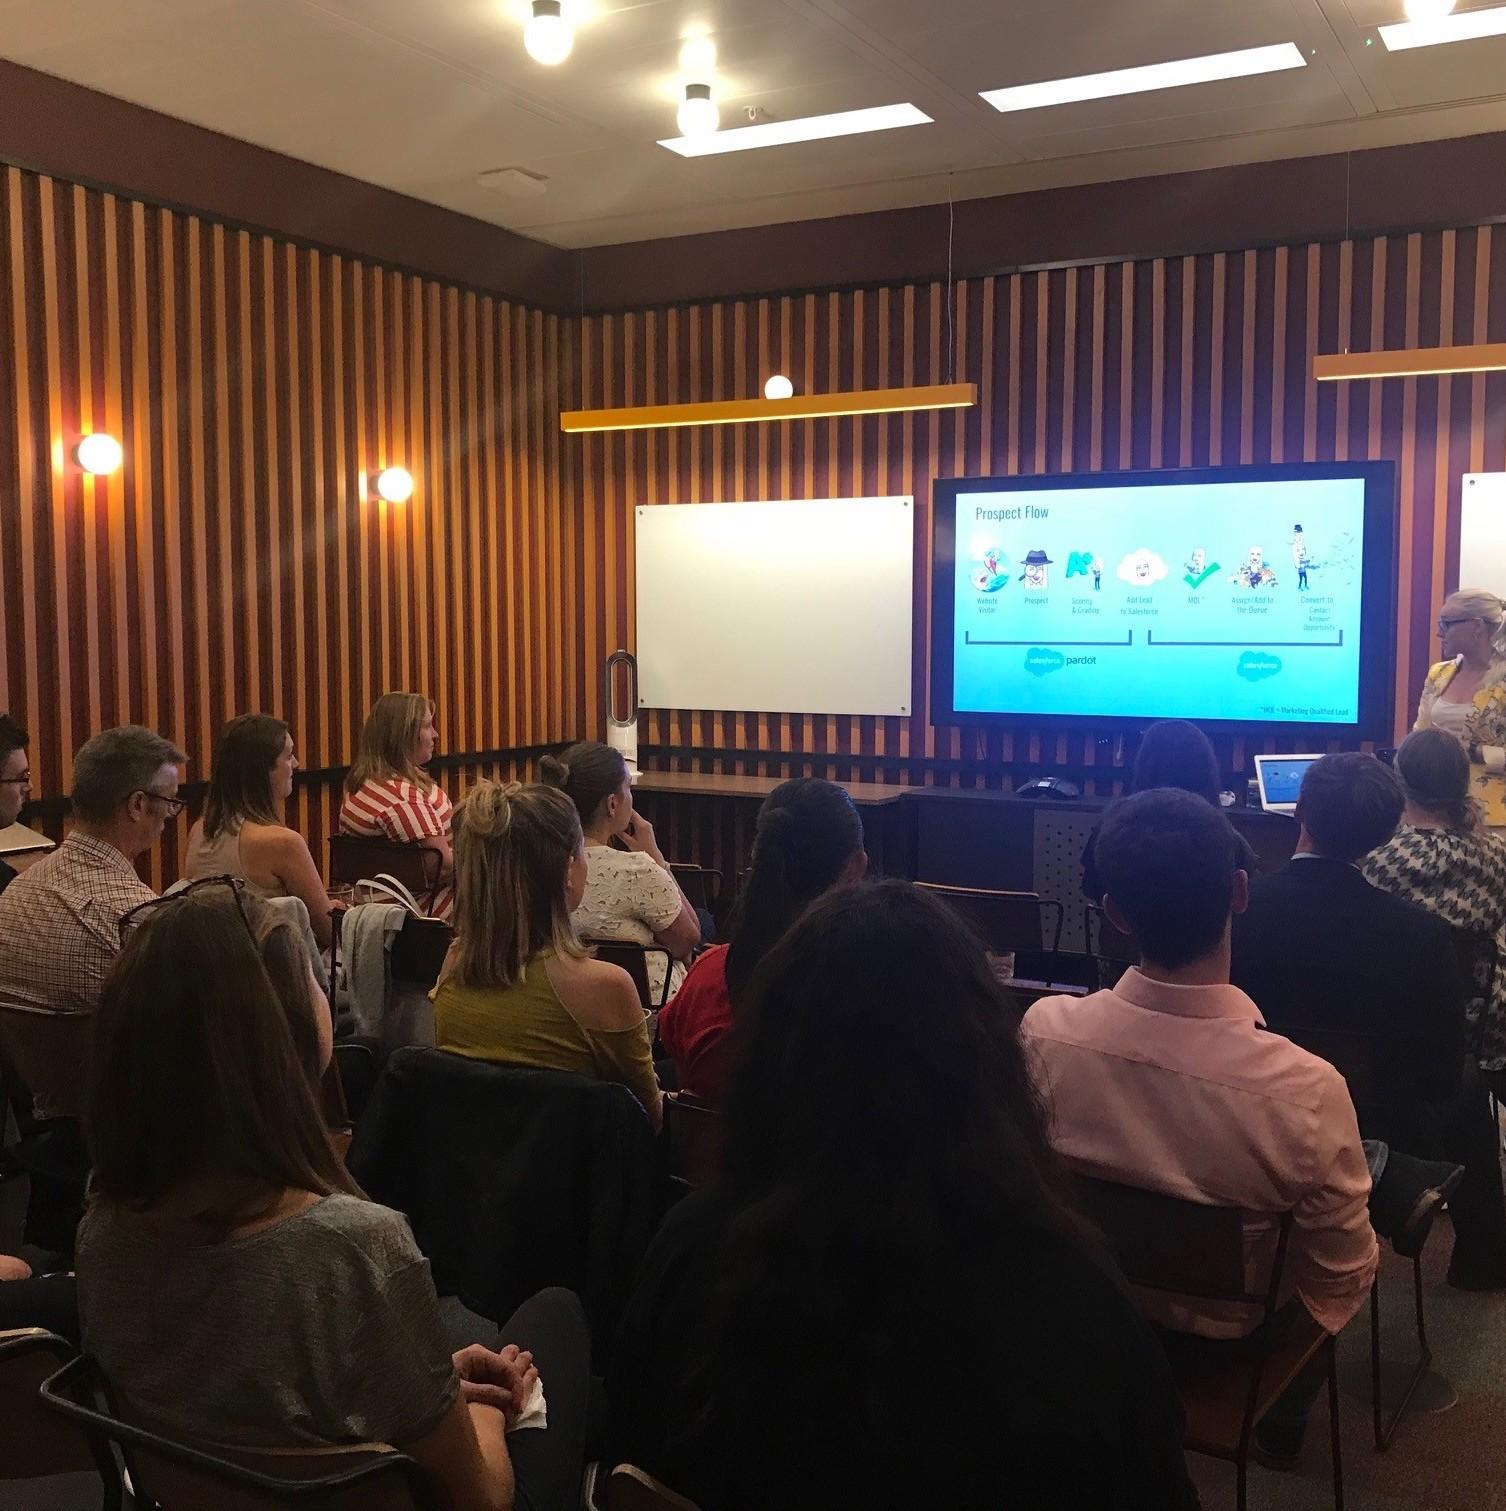 Kristina_Alexandra_Presentation.jpg